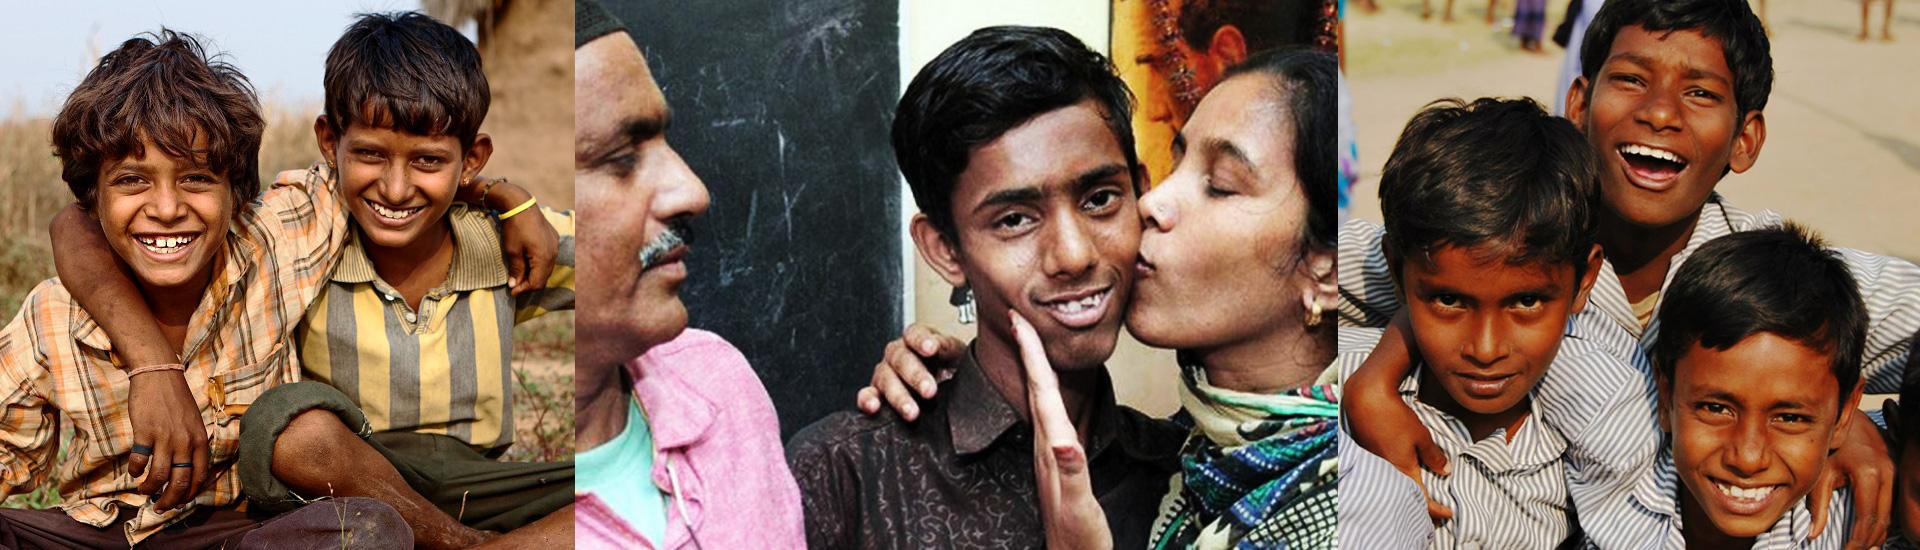 Muhammed, el niño perdido en la estación de trenes de Chennai (India) que encontró a sus padres nueve años después